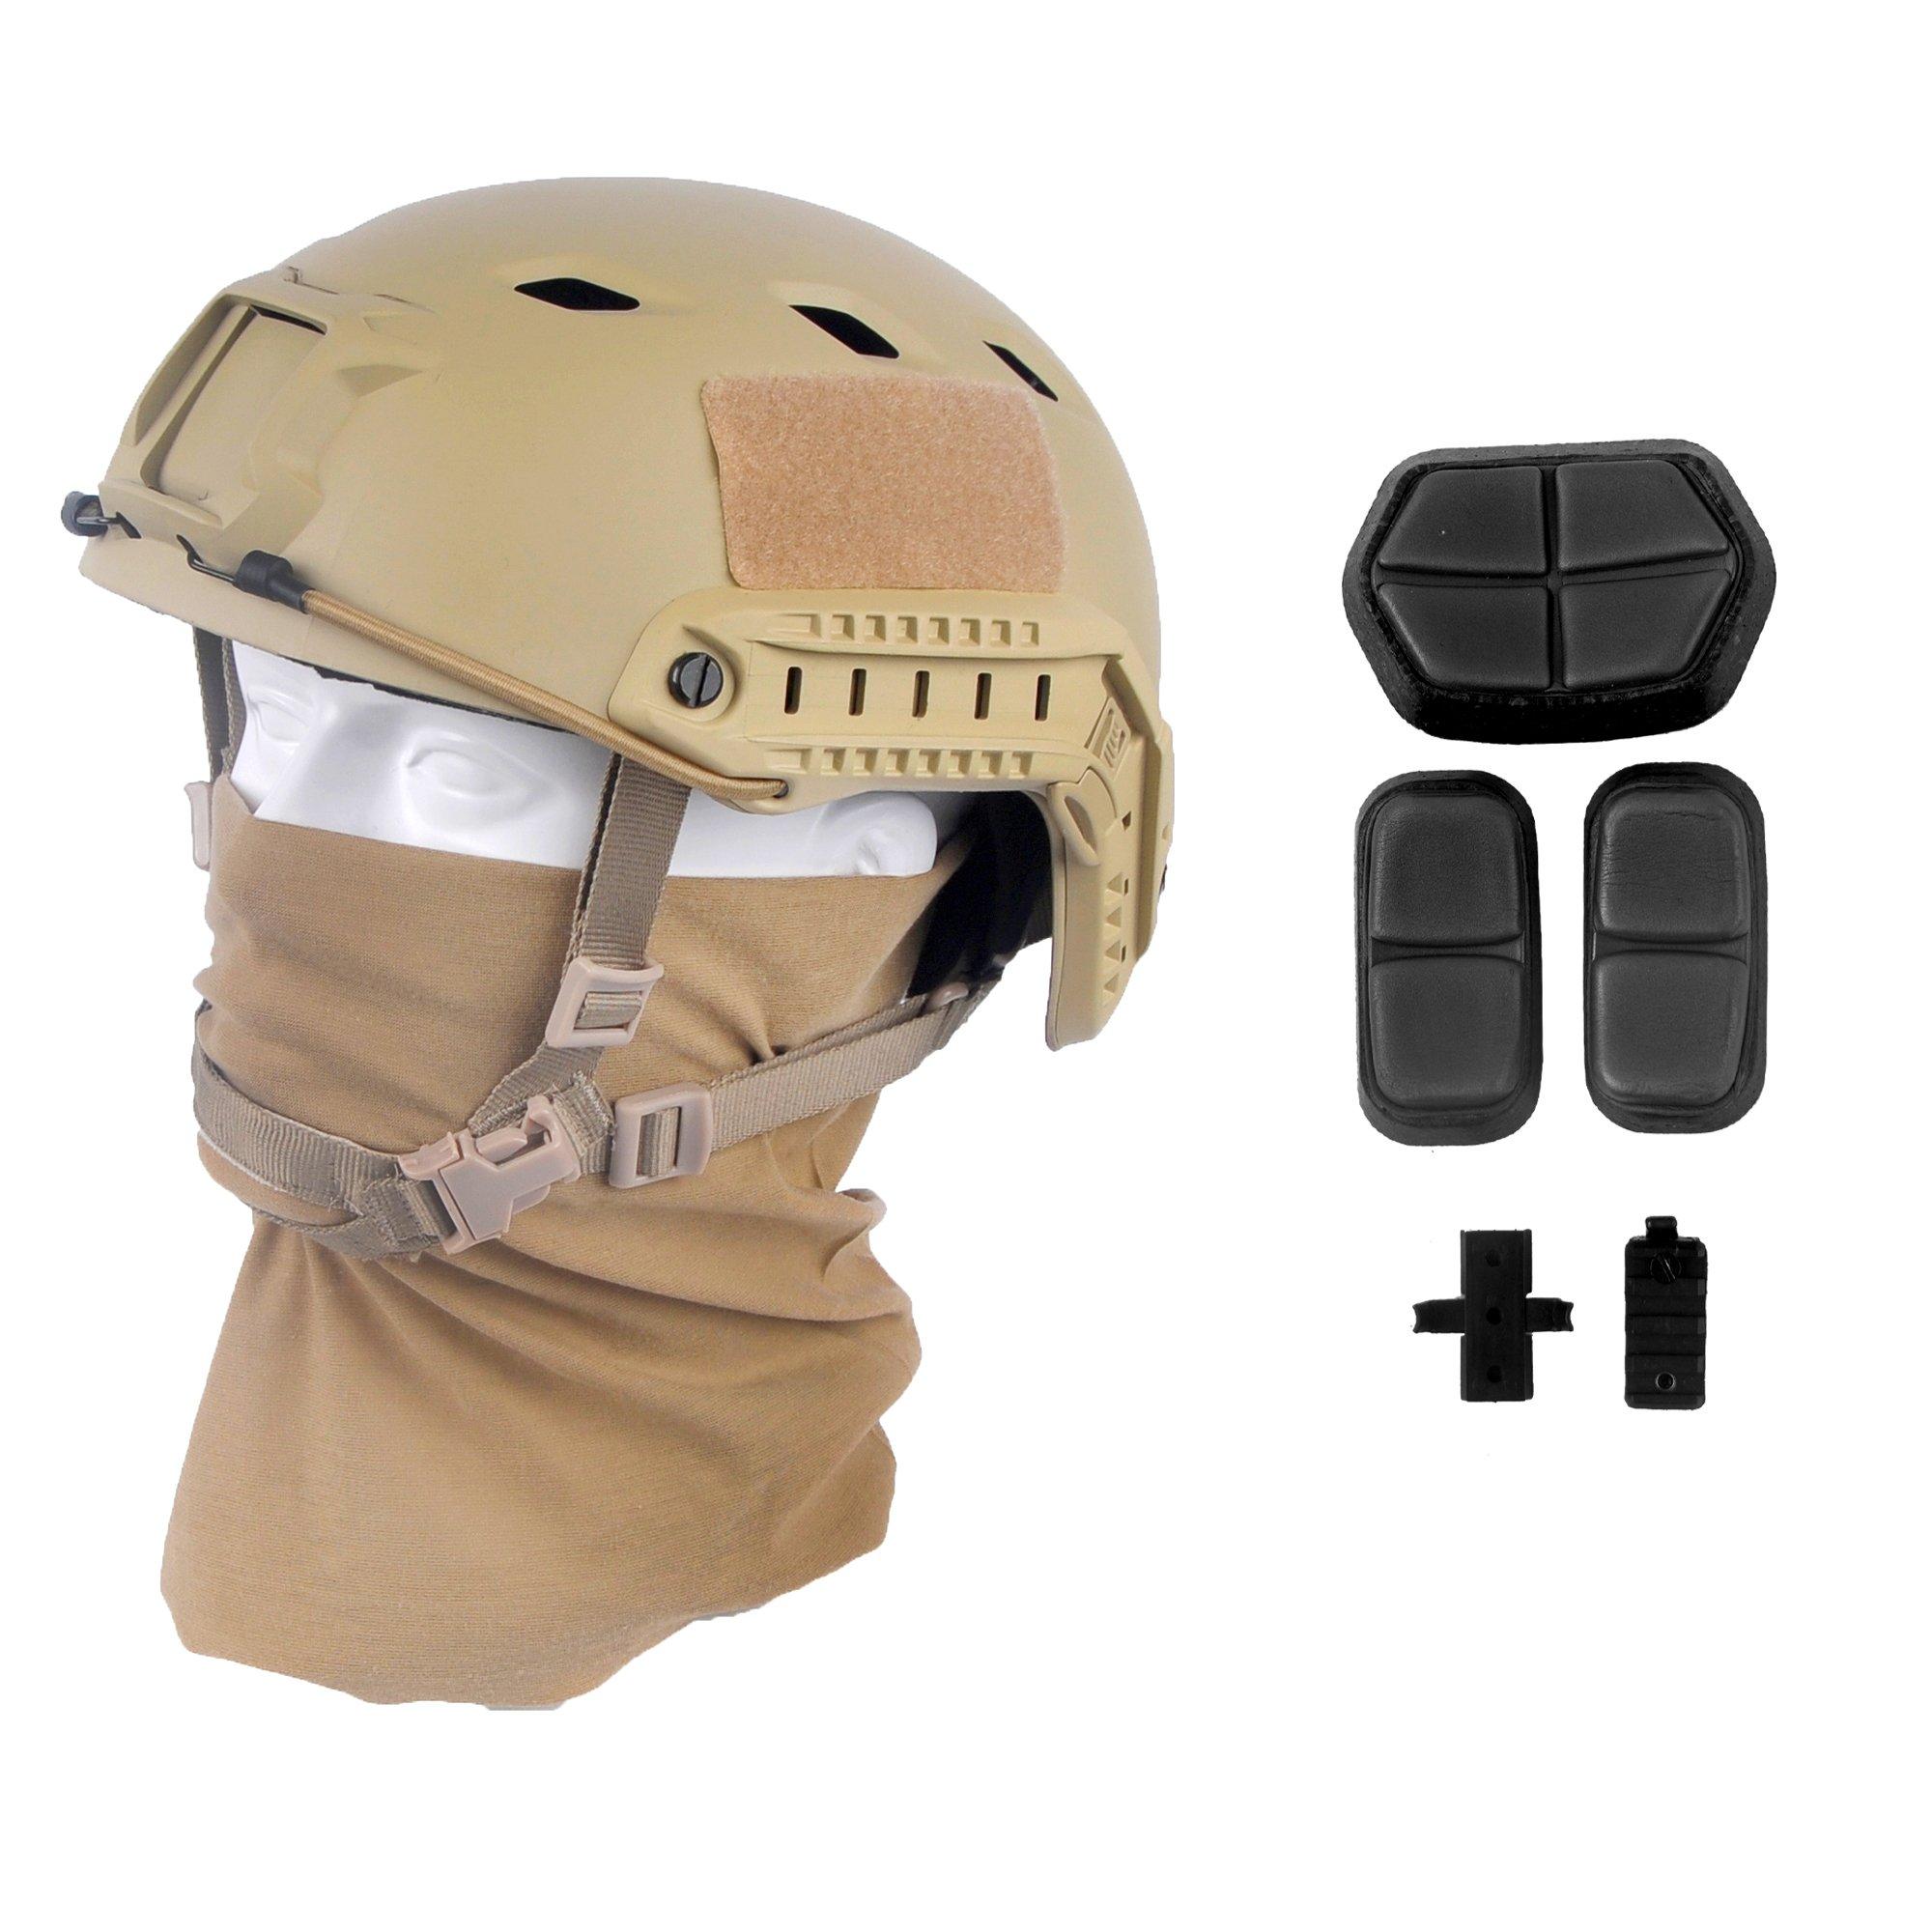 LOOGU Fast BJ Base Jump Military Helmet with 12-in-1 Headwear(DE) by LOOGU